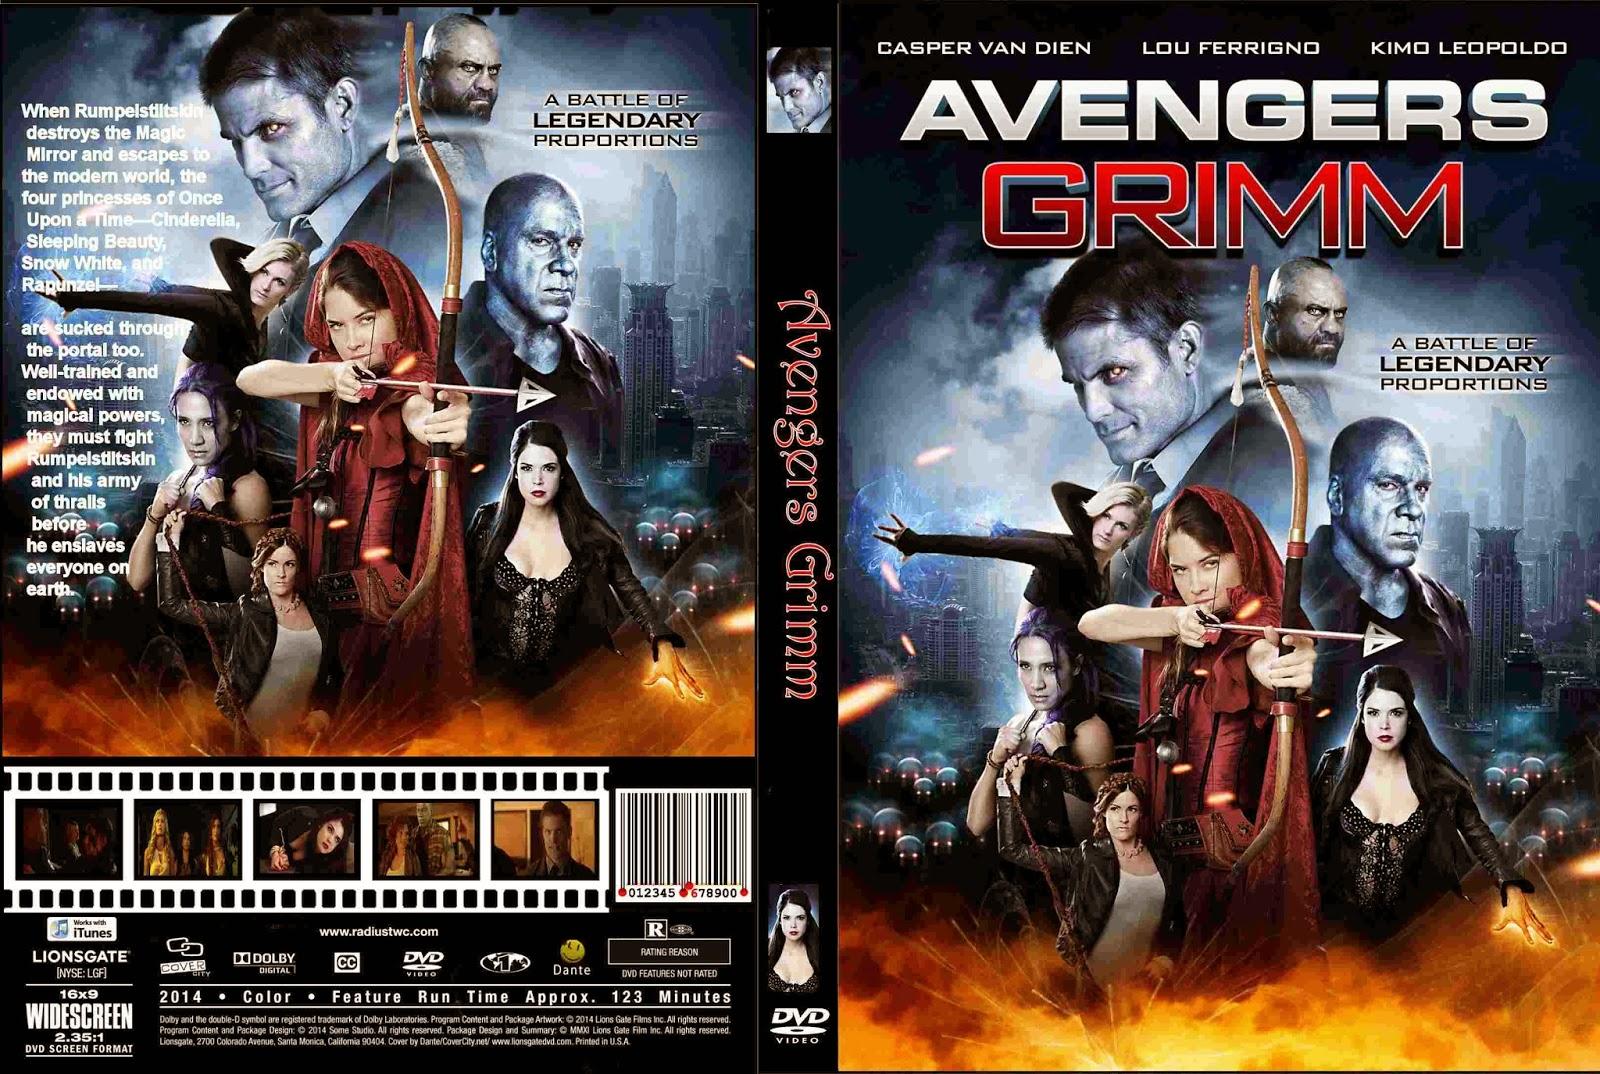 Baixar Avengers Grimm BDRip XviD Dual Áudio Avengers 2BGrimm 2B 2015  2B  2BCover 2BDVD 2BMovie